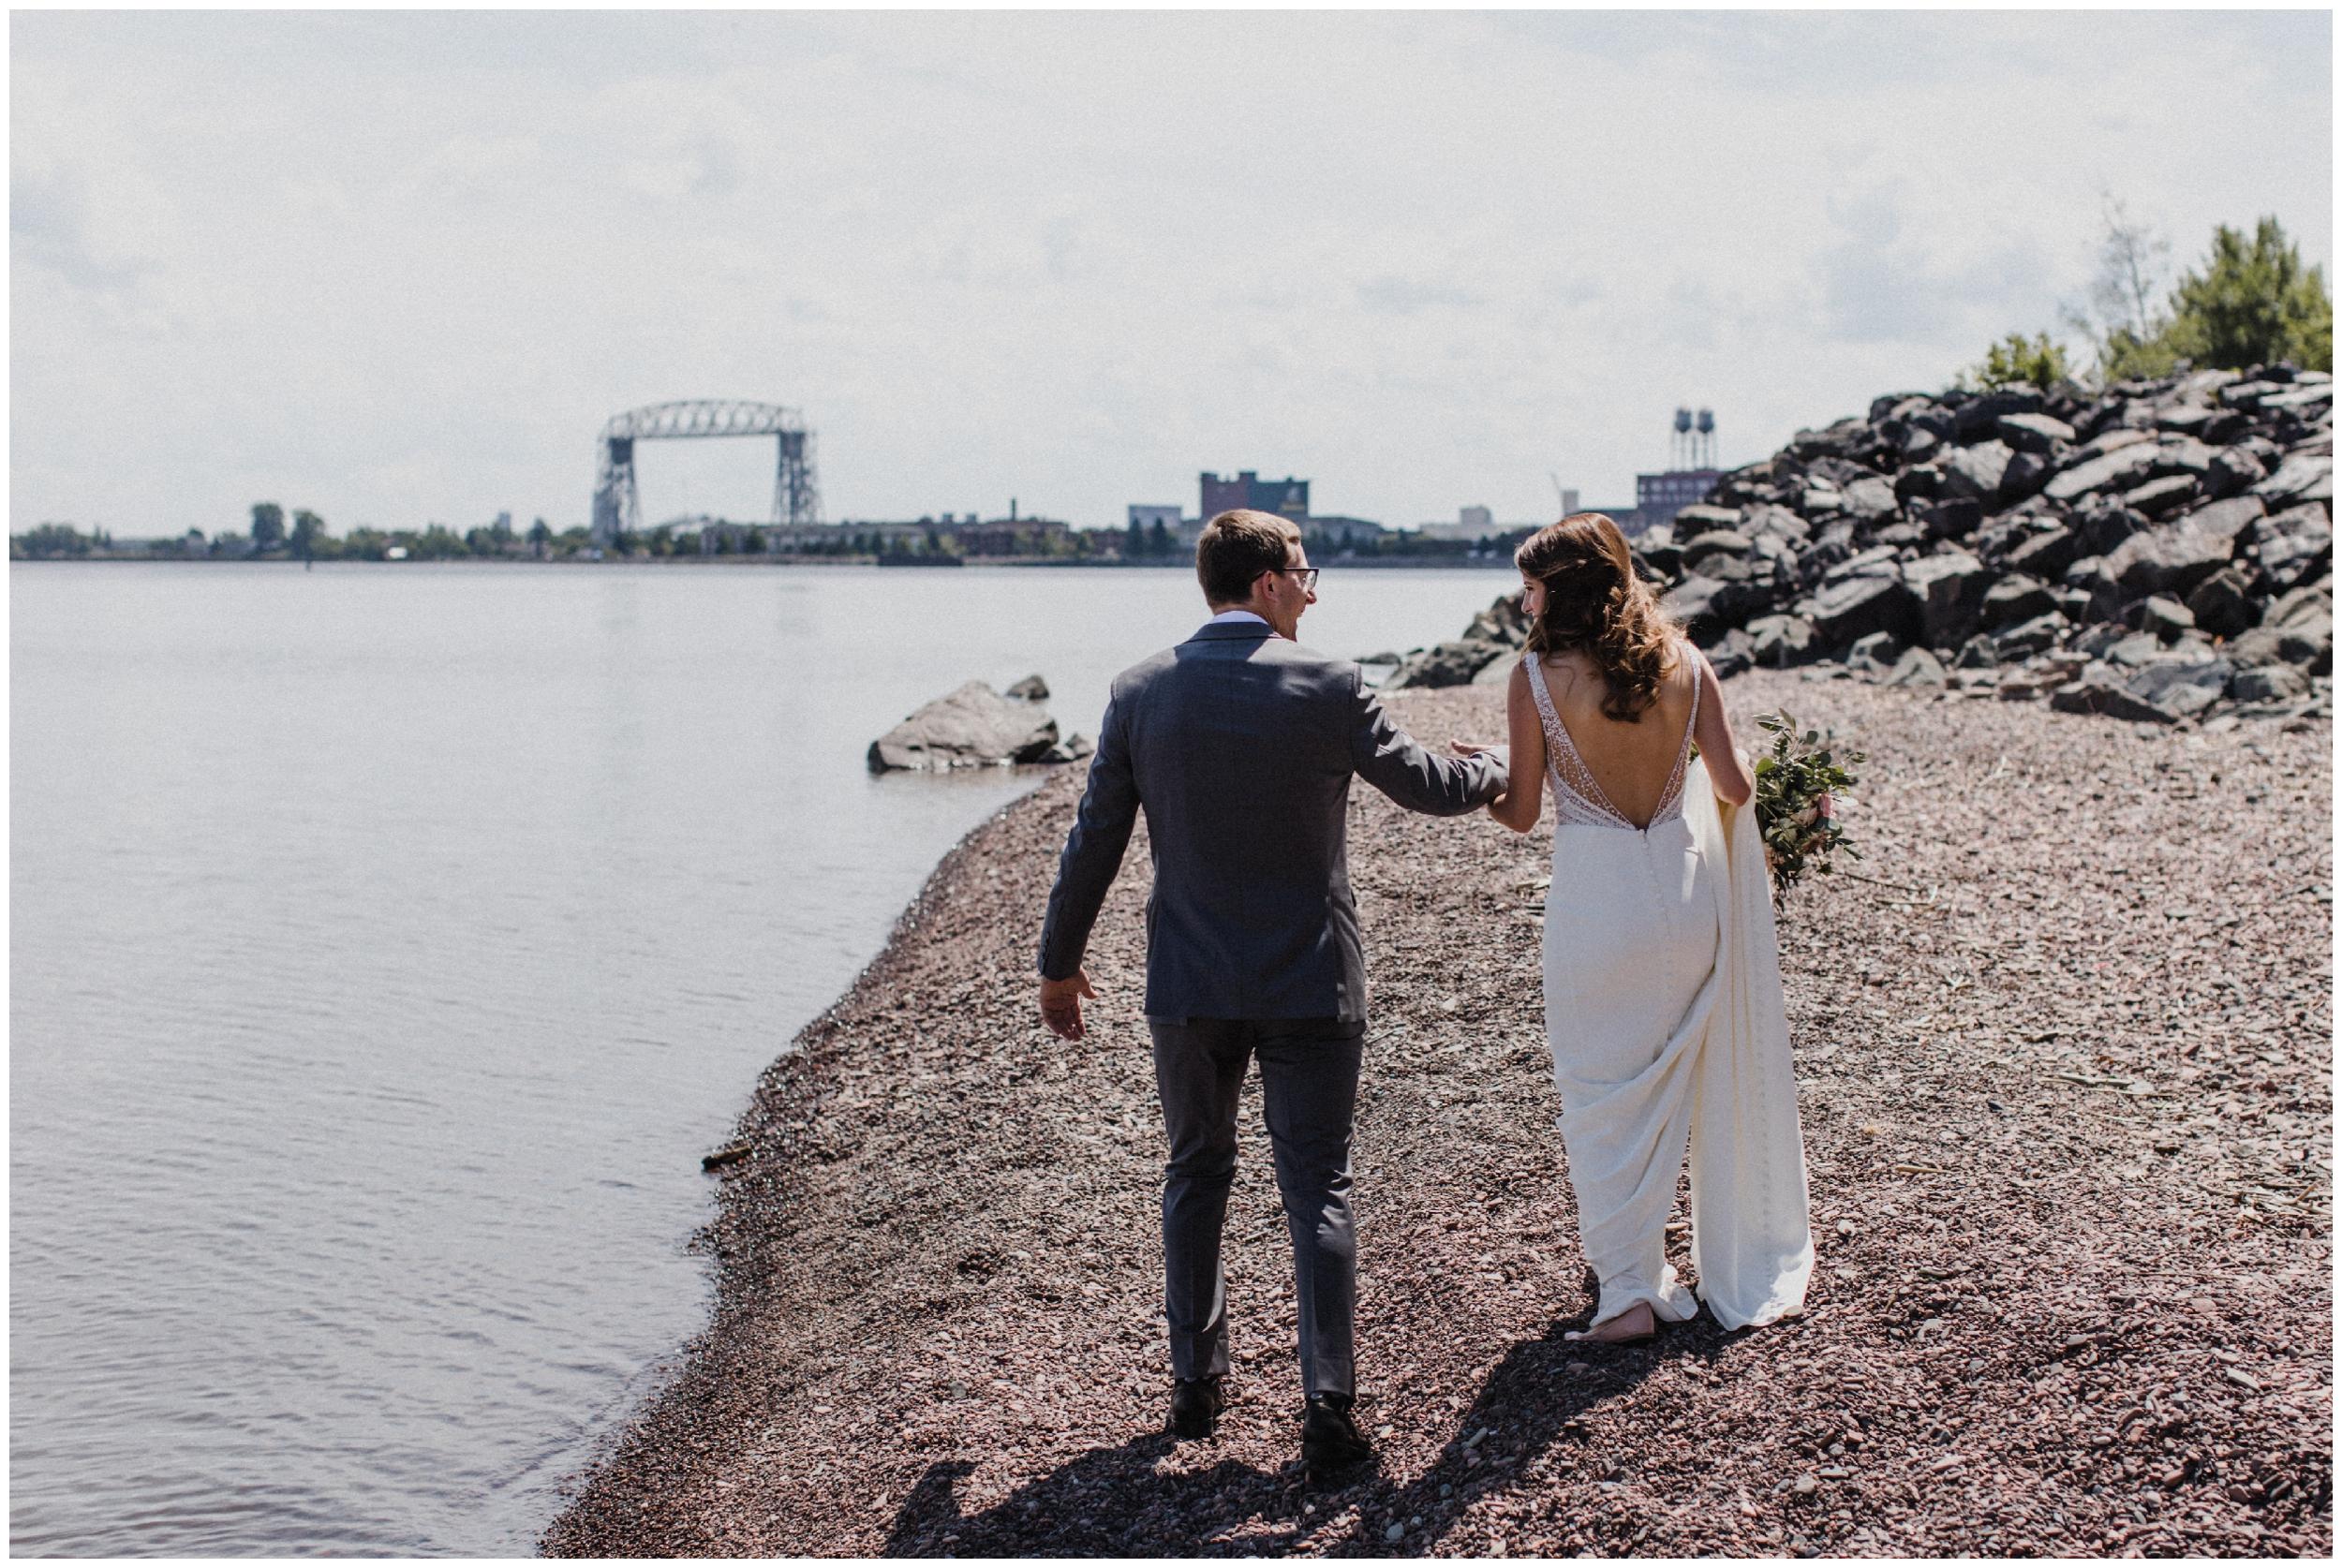 North shore wedding in Duluth photographed by Britt DeZeeuw